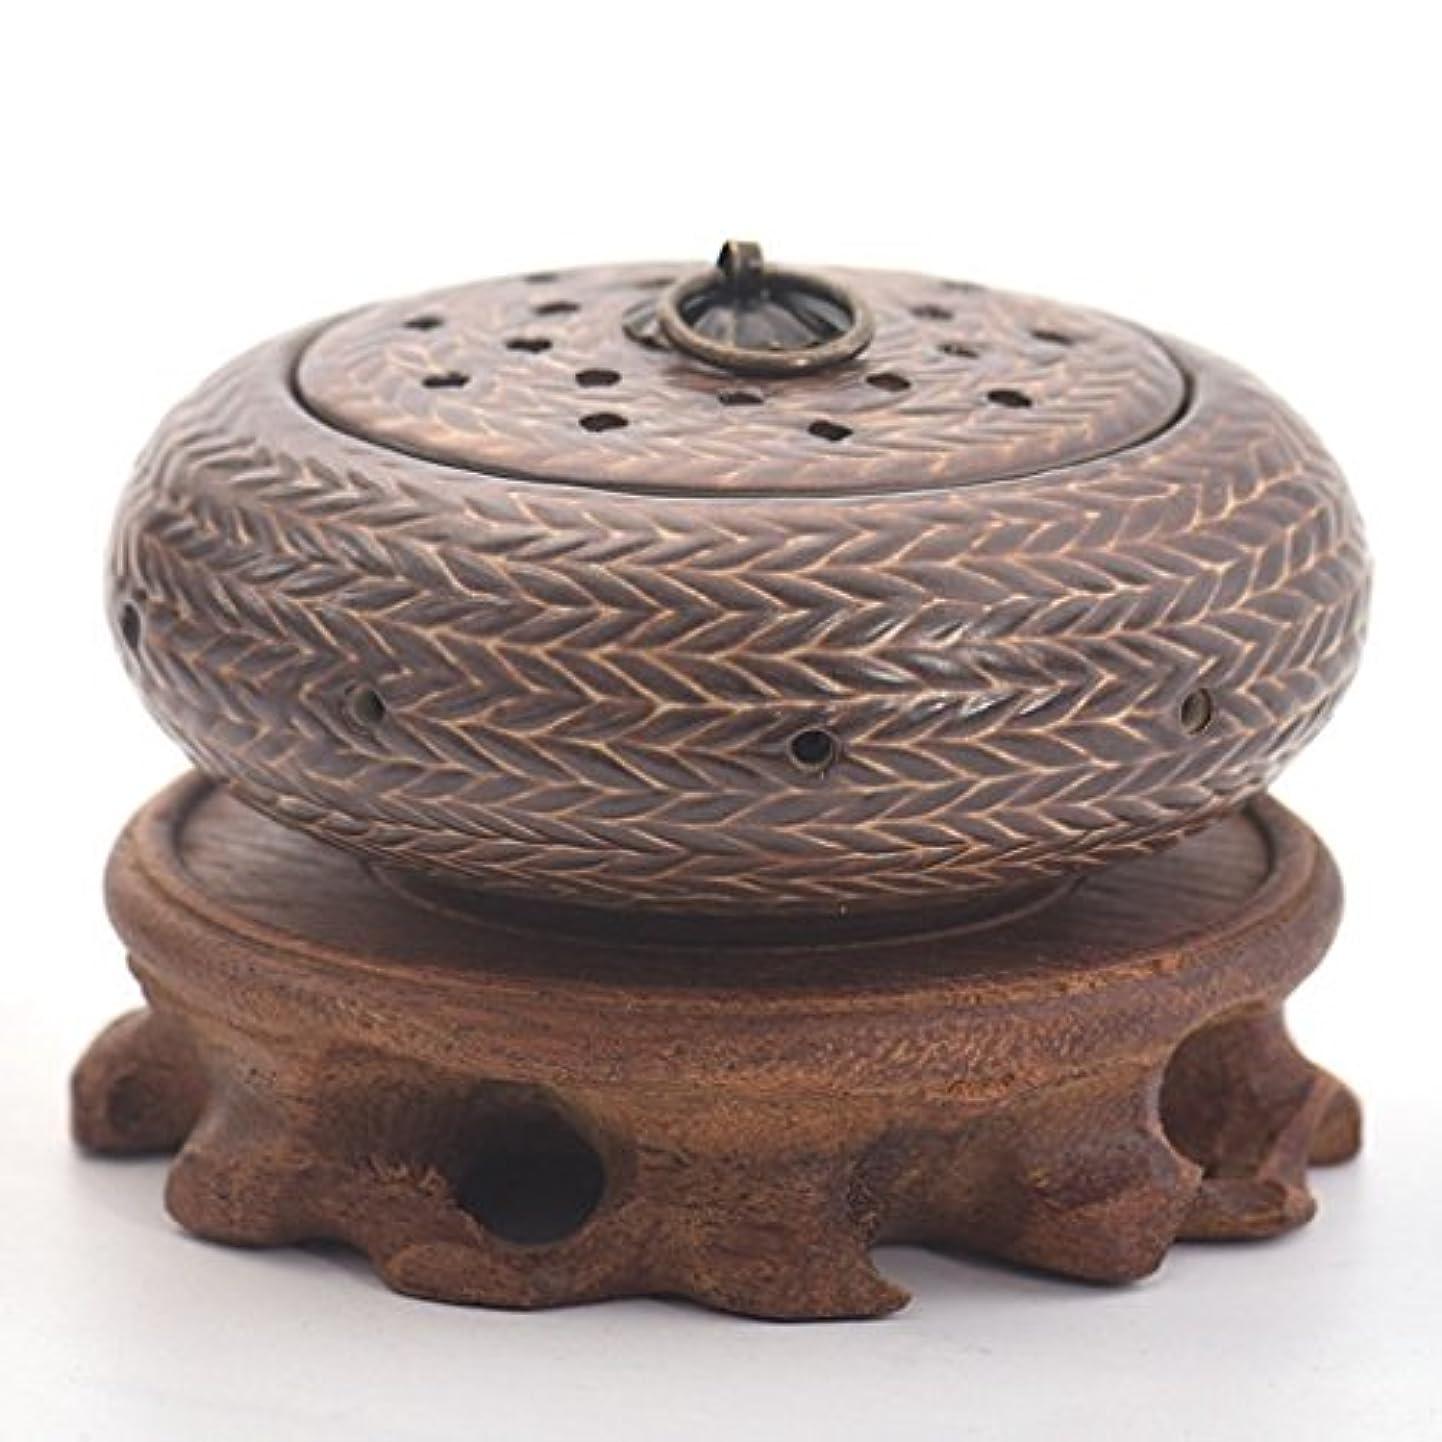 鎖引き出す荒涼とした(ラシューバー) Lasuiveur 陶磁器 香炉 香立て 線香立て お香立て